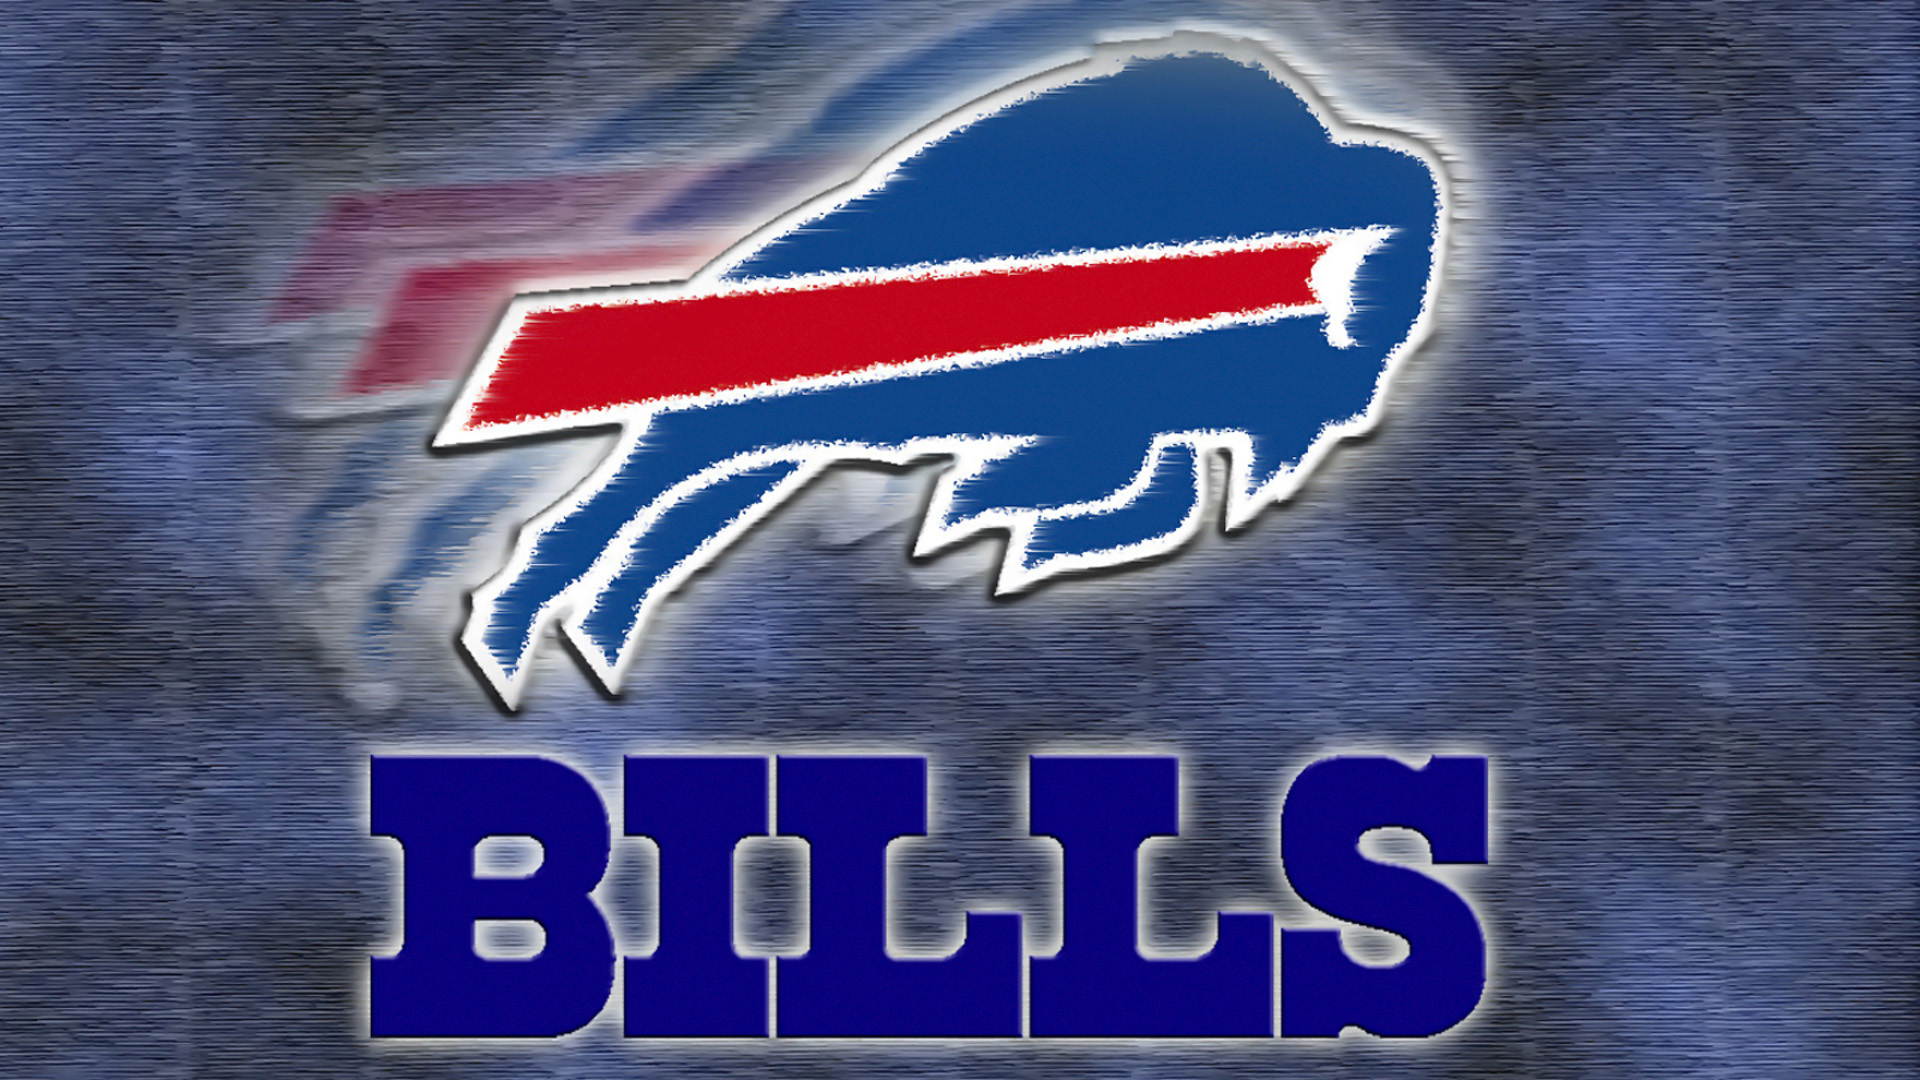 buffalo bills logo wallpaper 95461